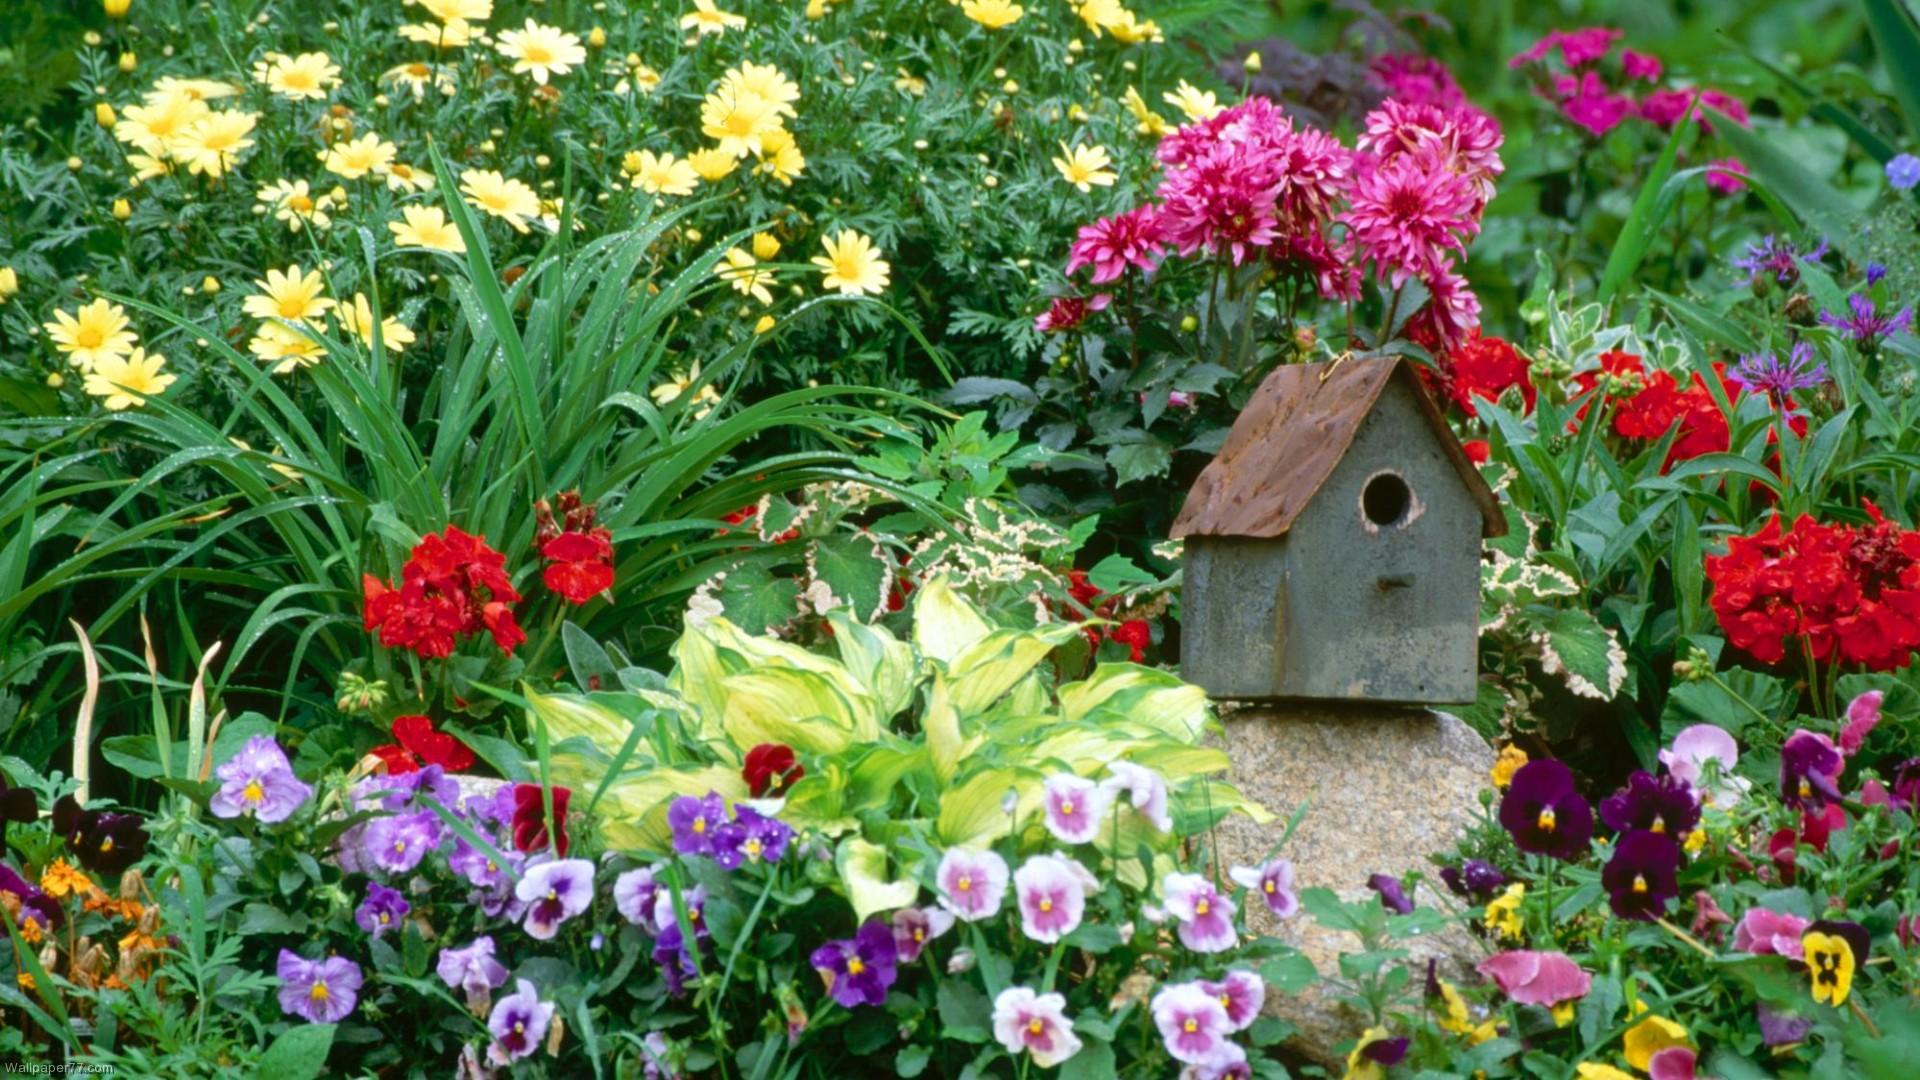 Flower Gardens wallpaper   702553 1920x1080